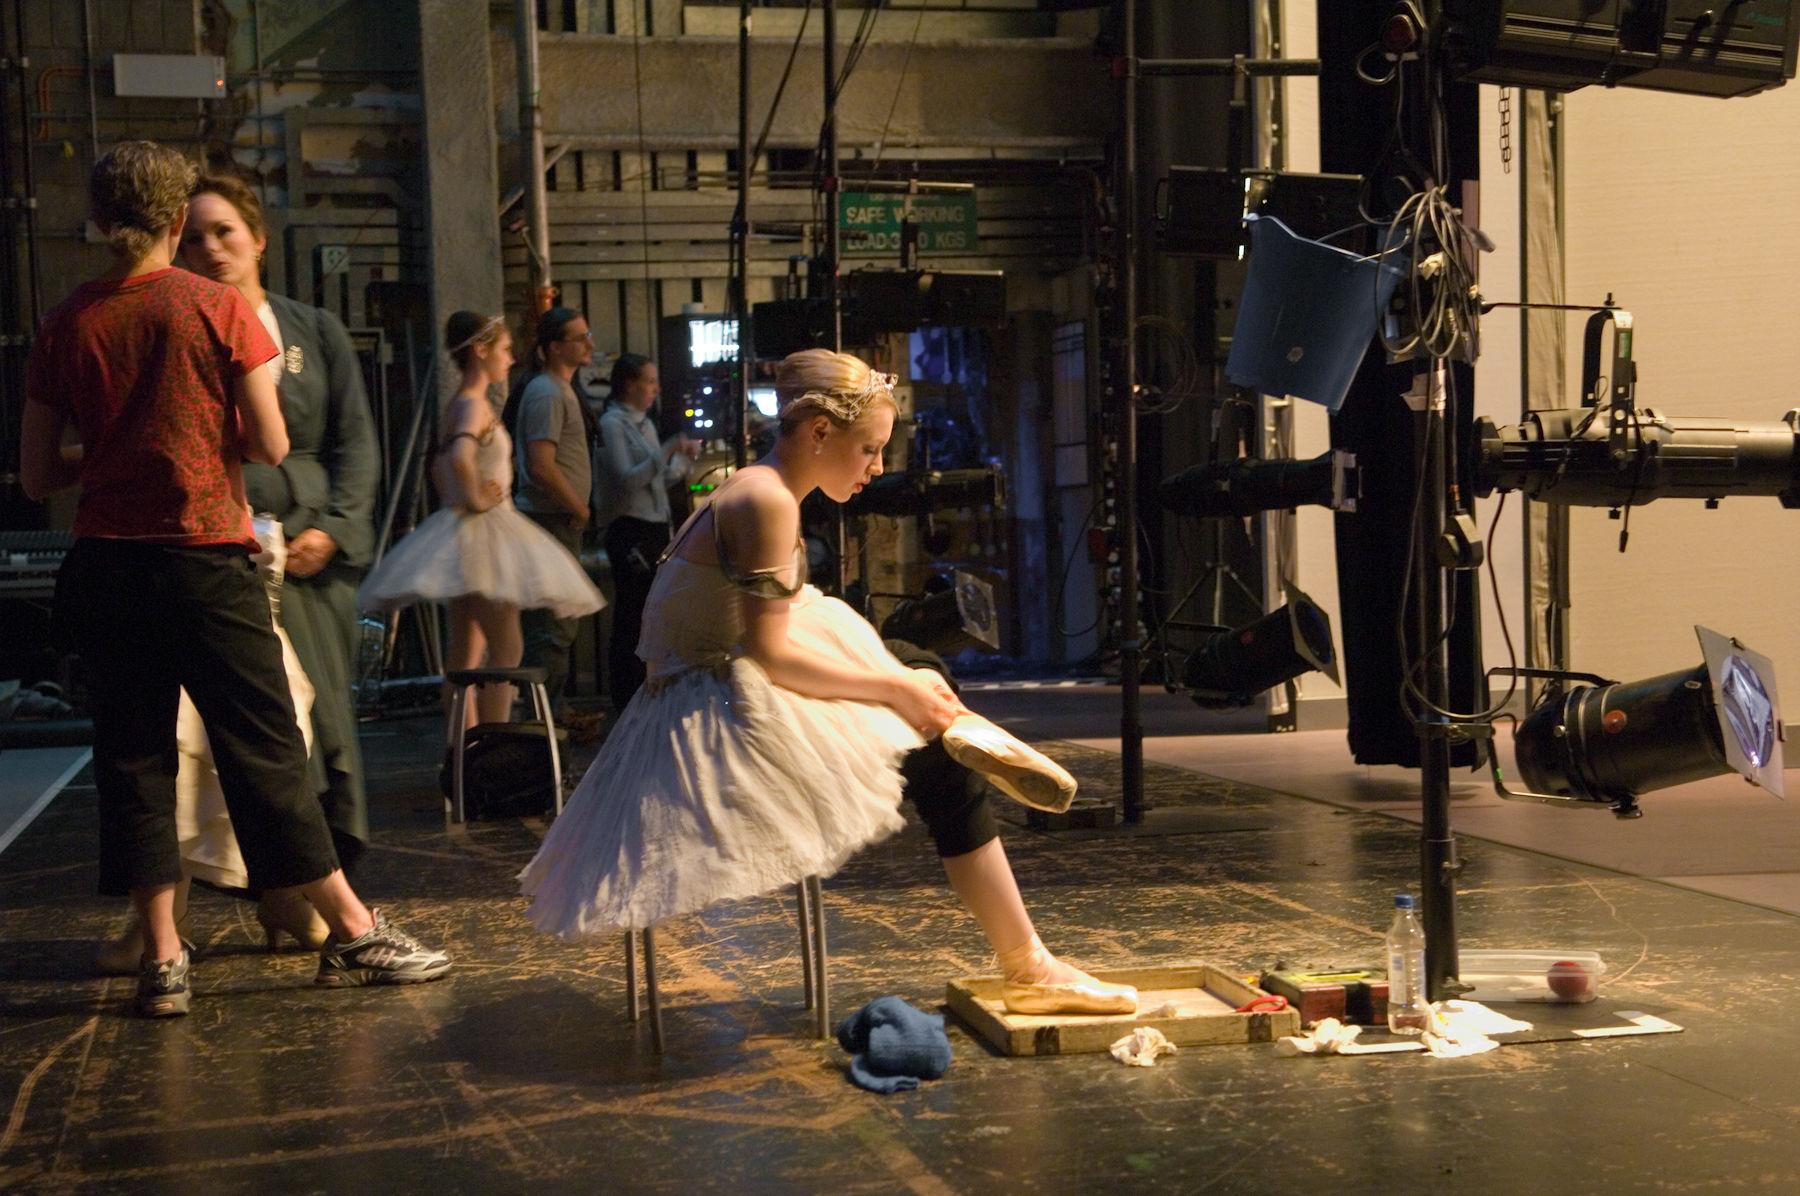 Ballerina Preparing for Performance